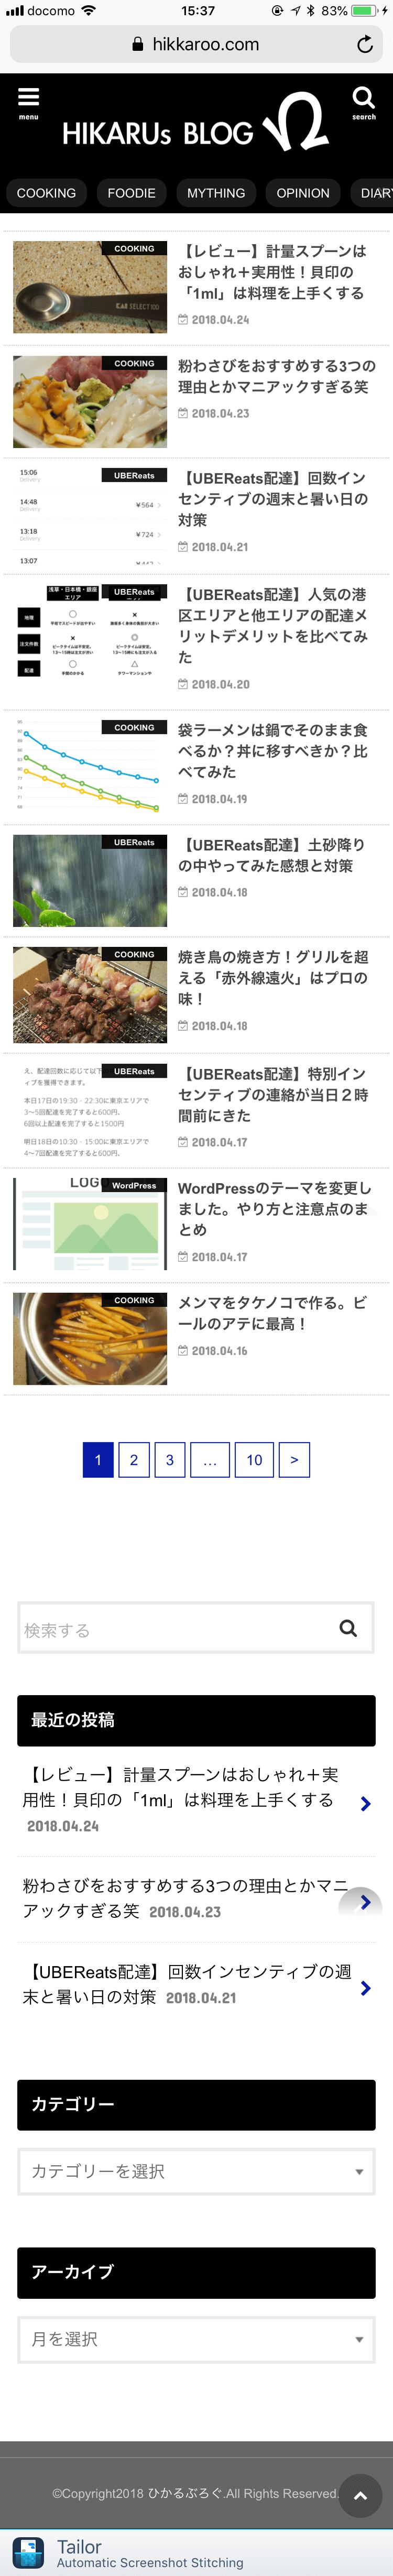 お気に入りのブログ記事